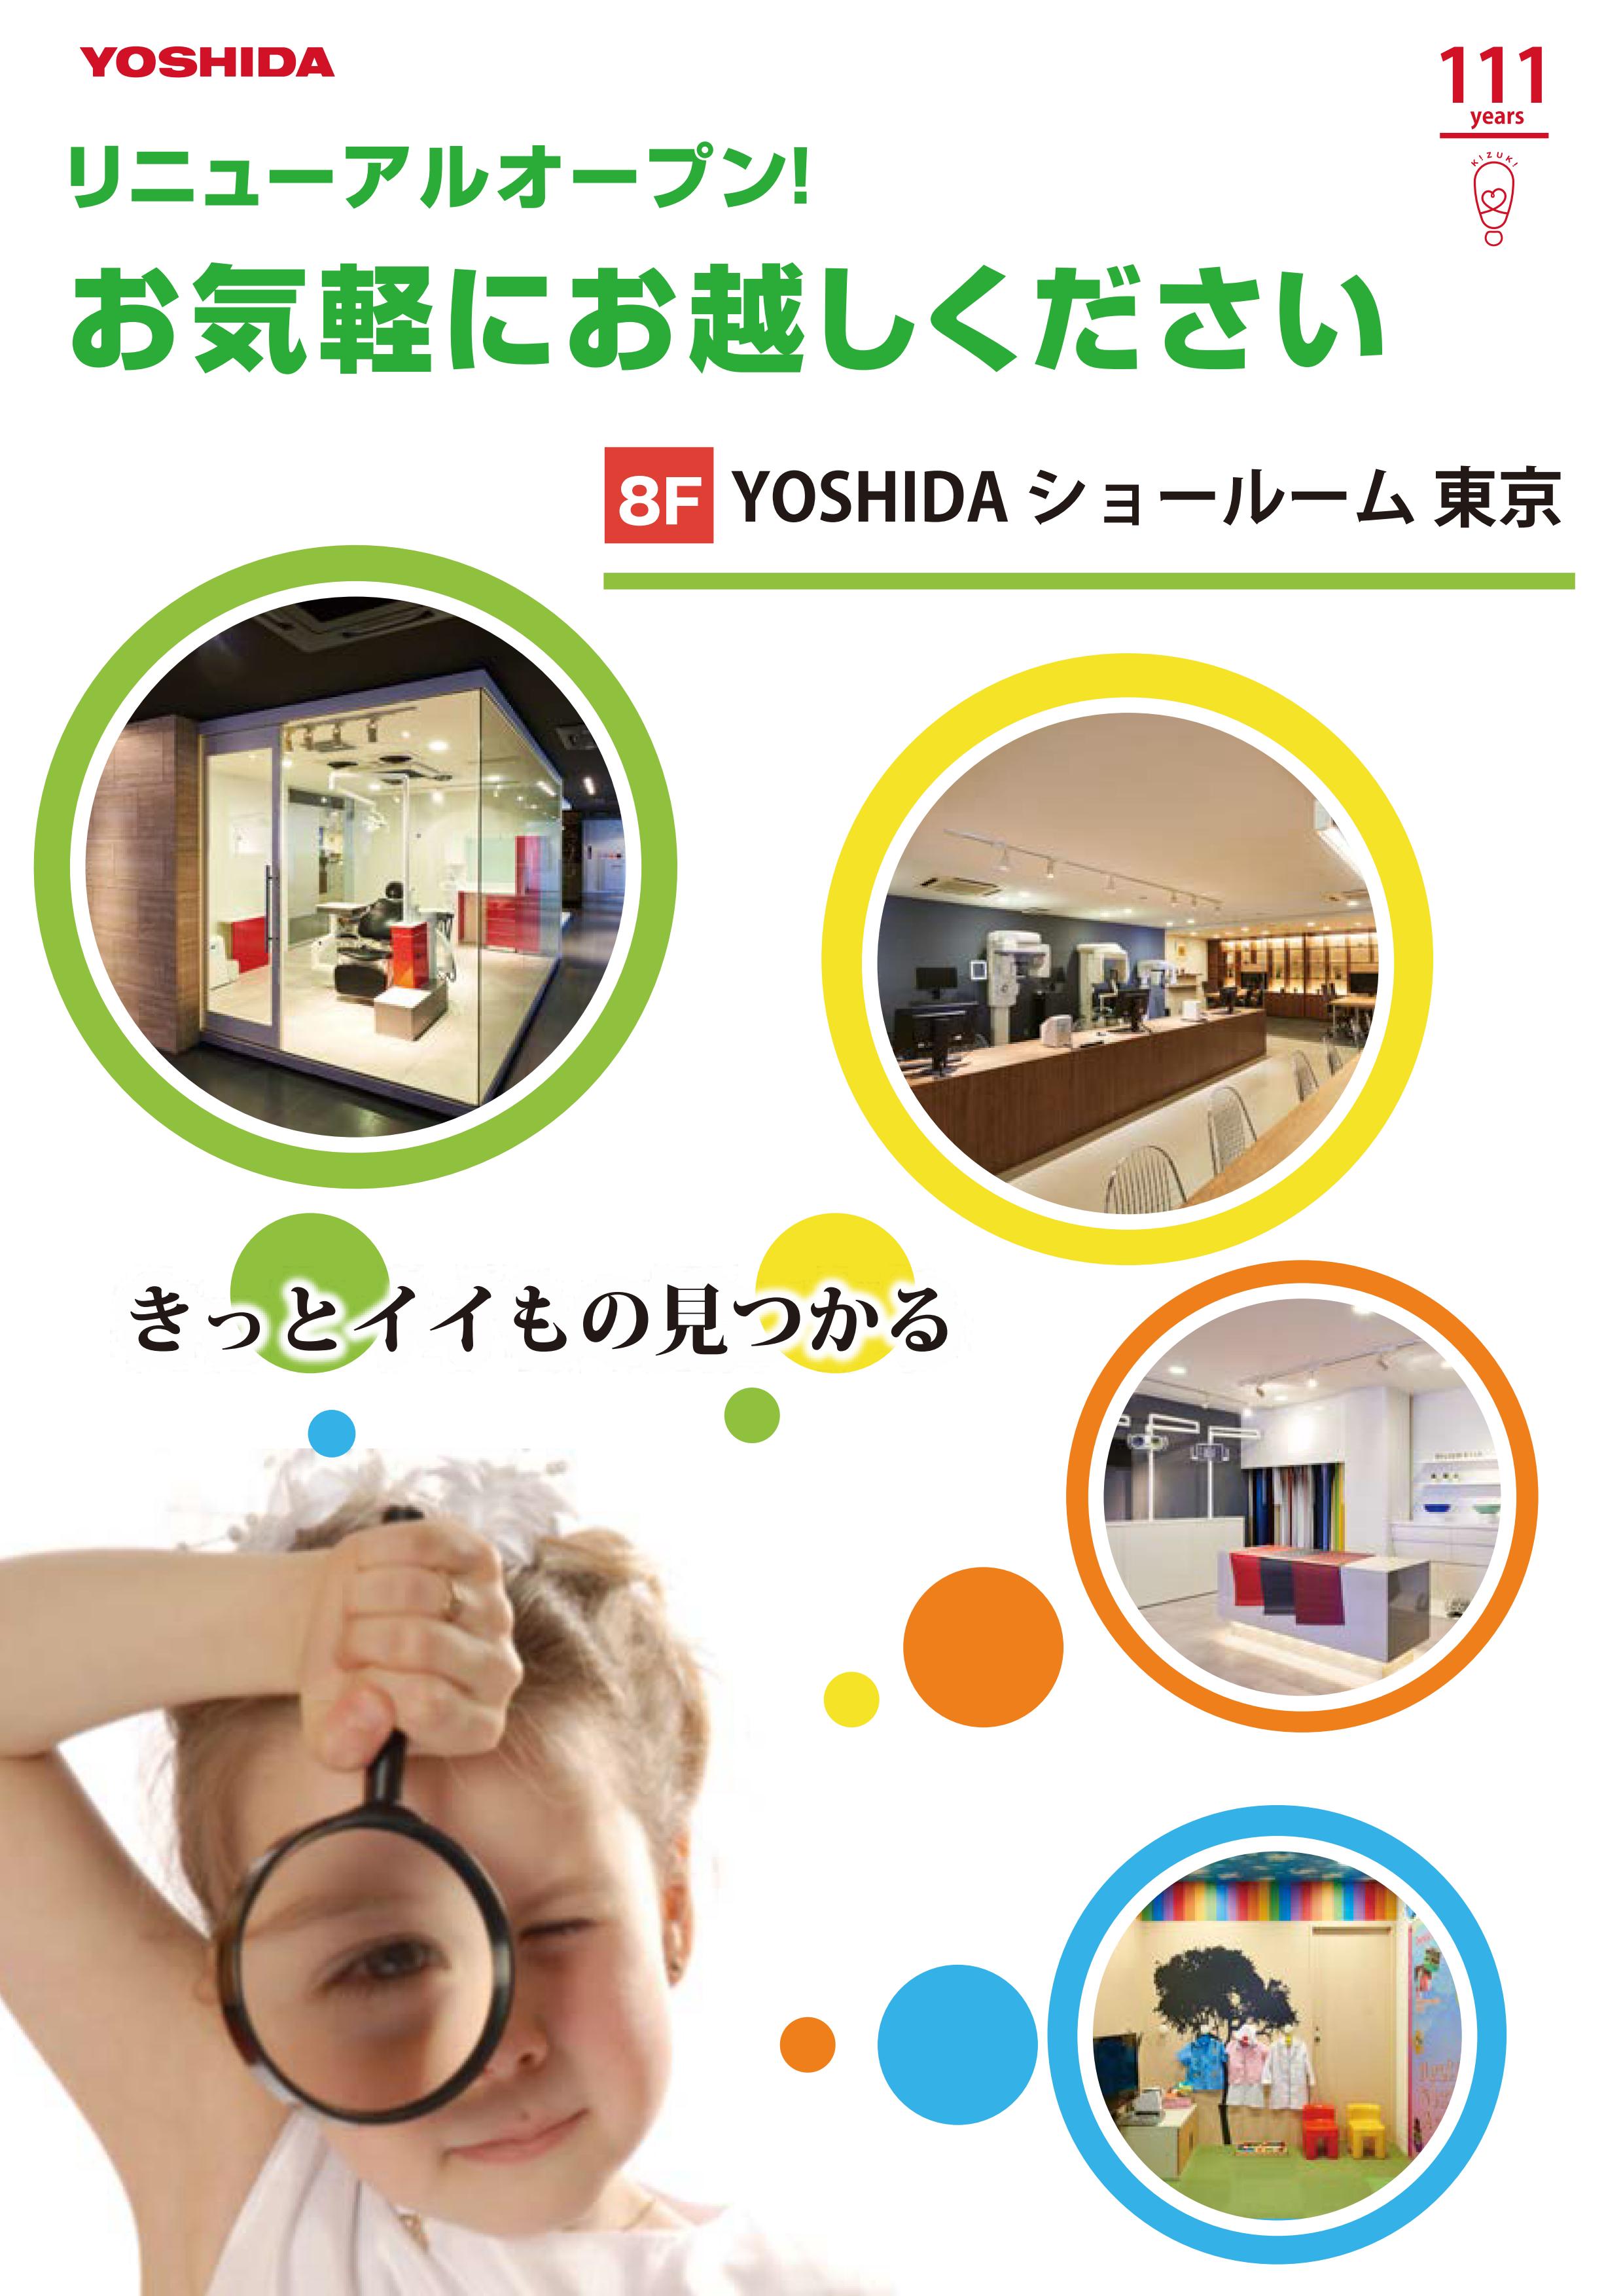 YOSHIDA ショールーム 東京 _01